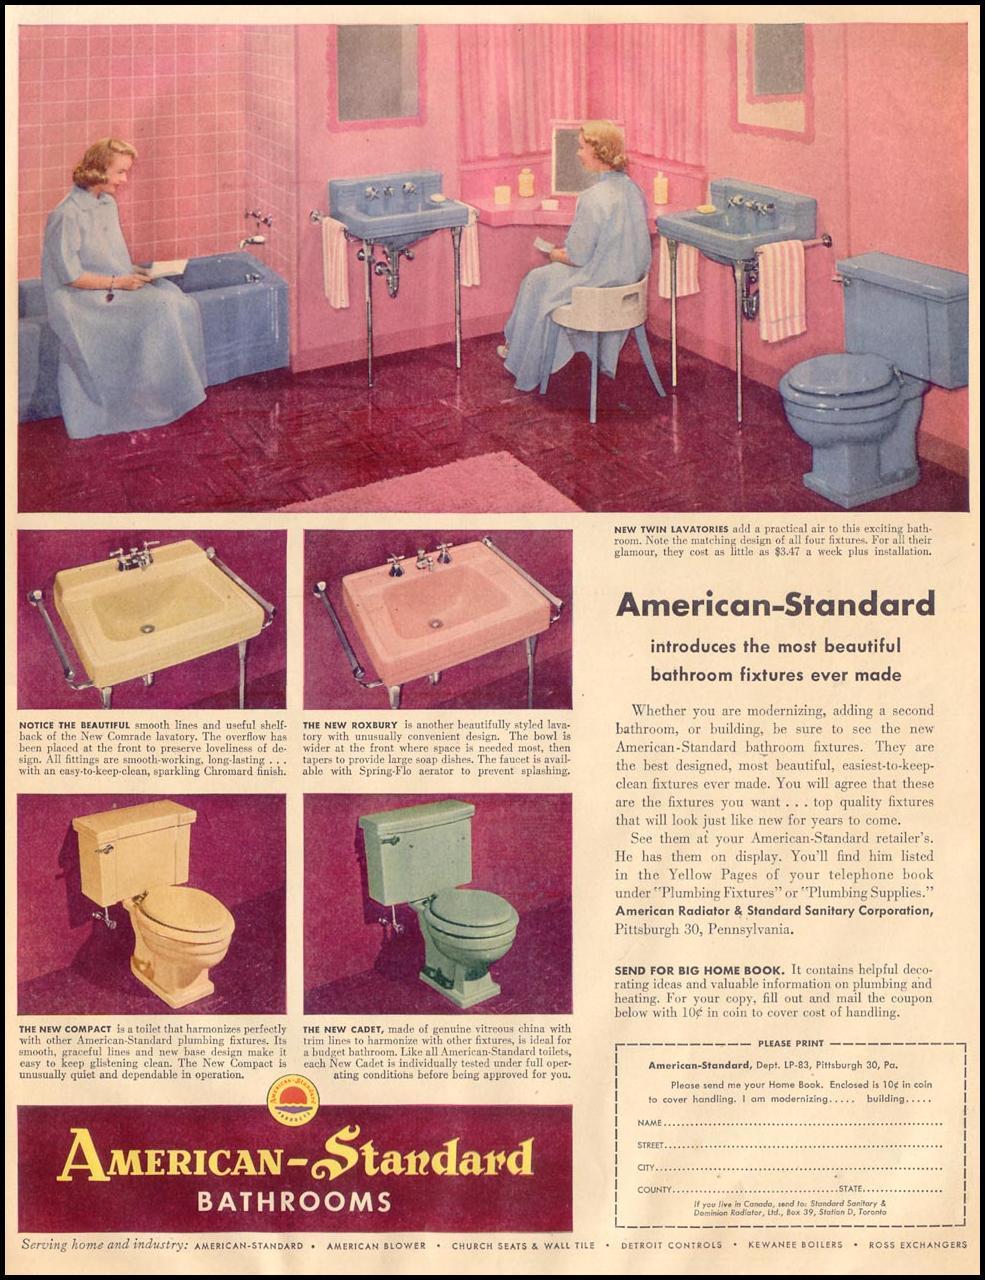 AMERICAN-STANDARD BATHROOM FIXTURES LIFE 08/17/1953 p. 13